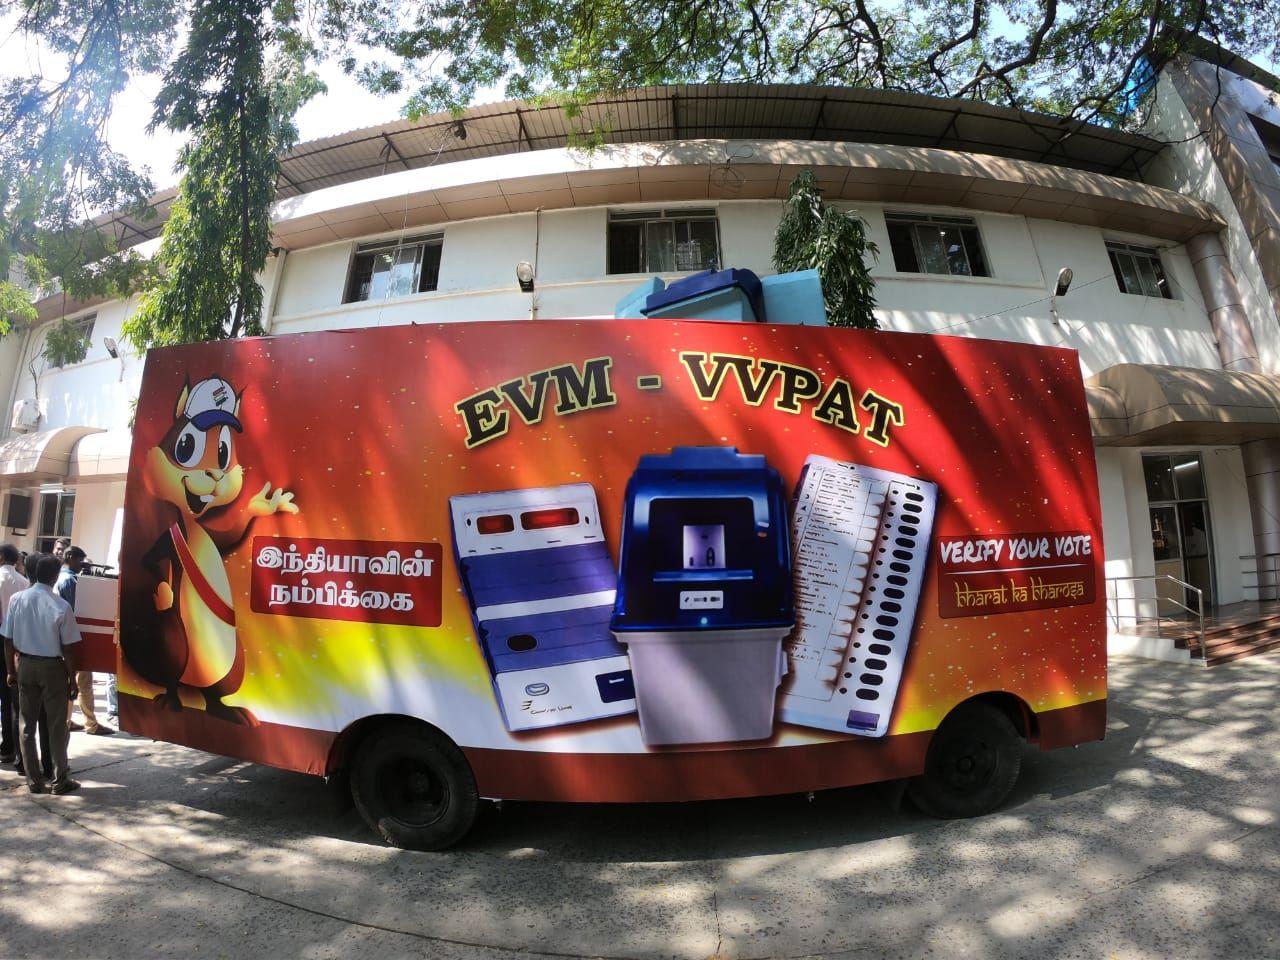 Mobile EVM-VVPAT Awareness Vehicle1.jpg